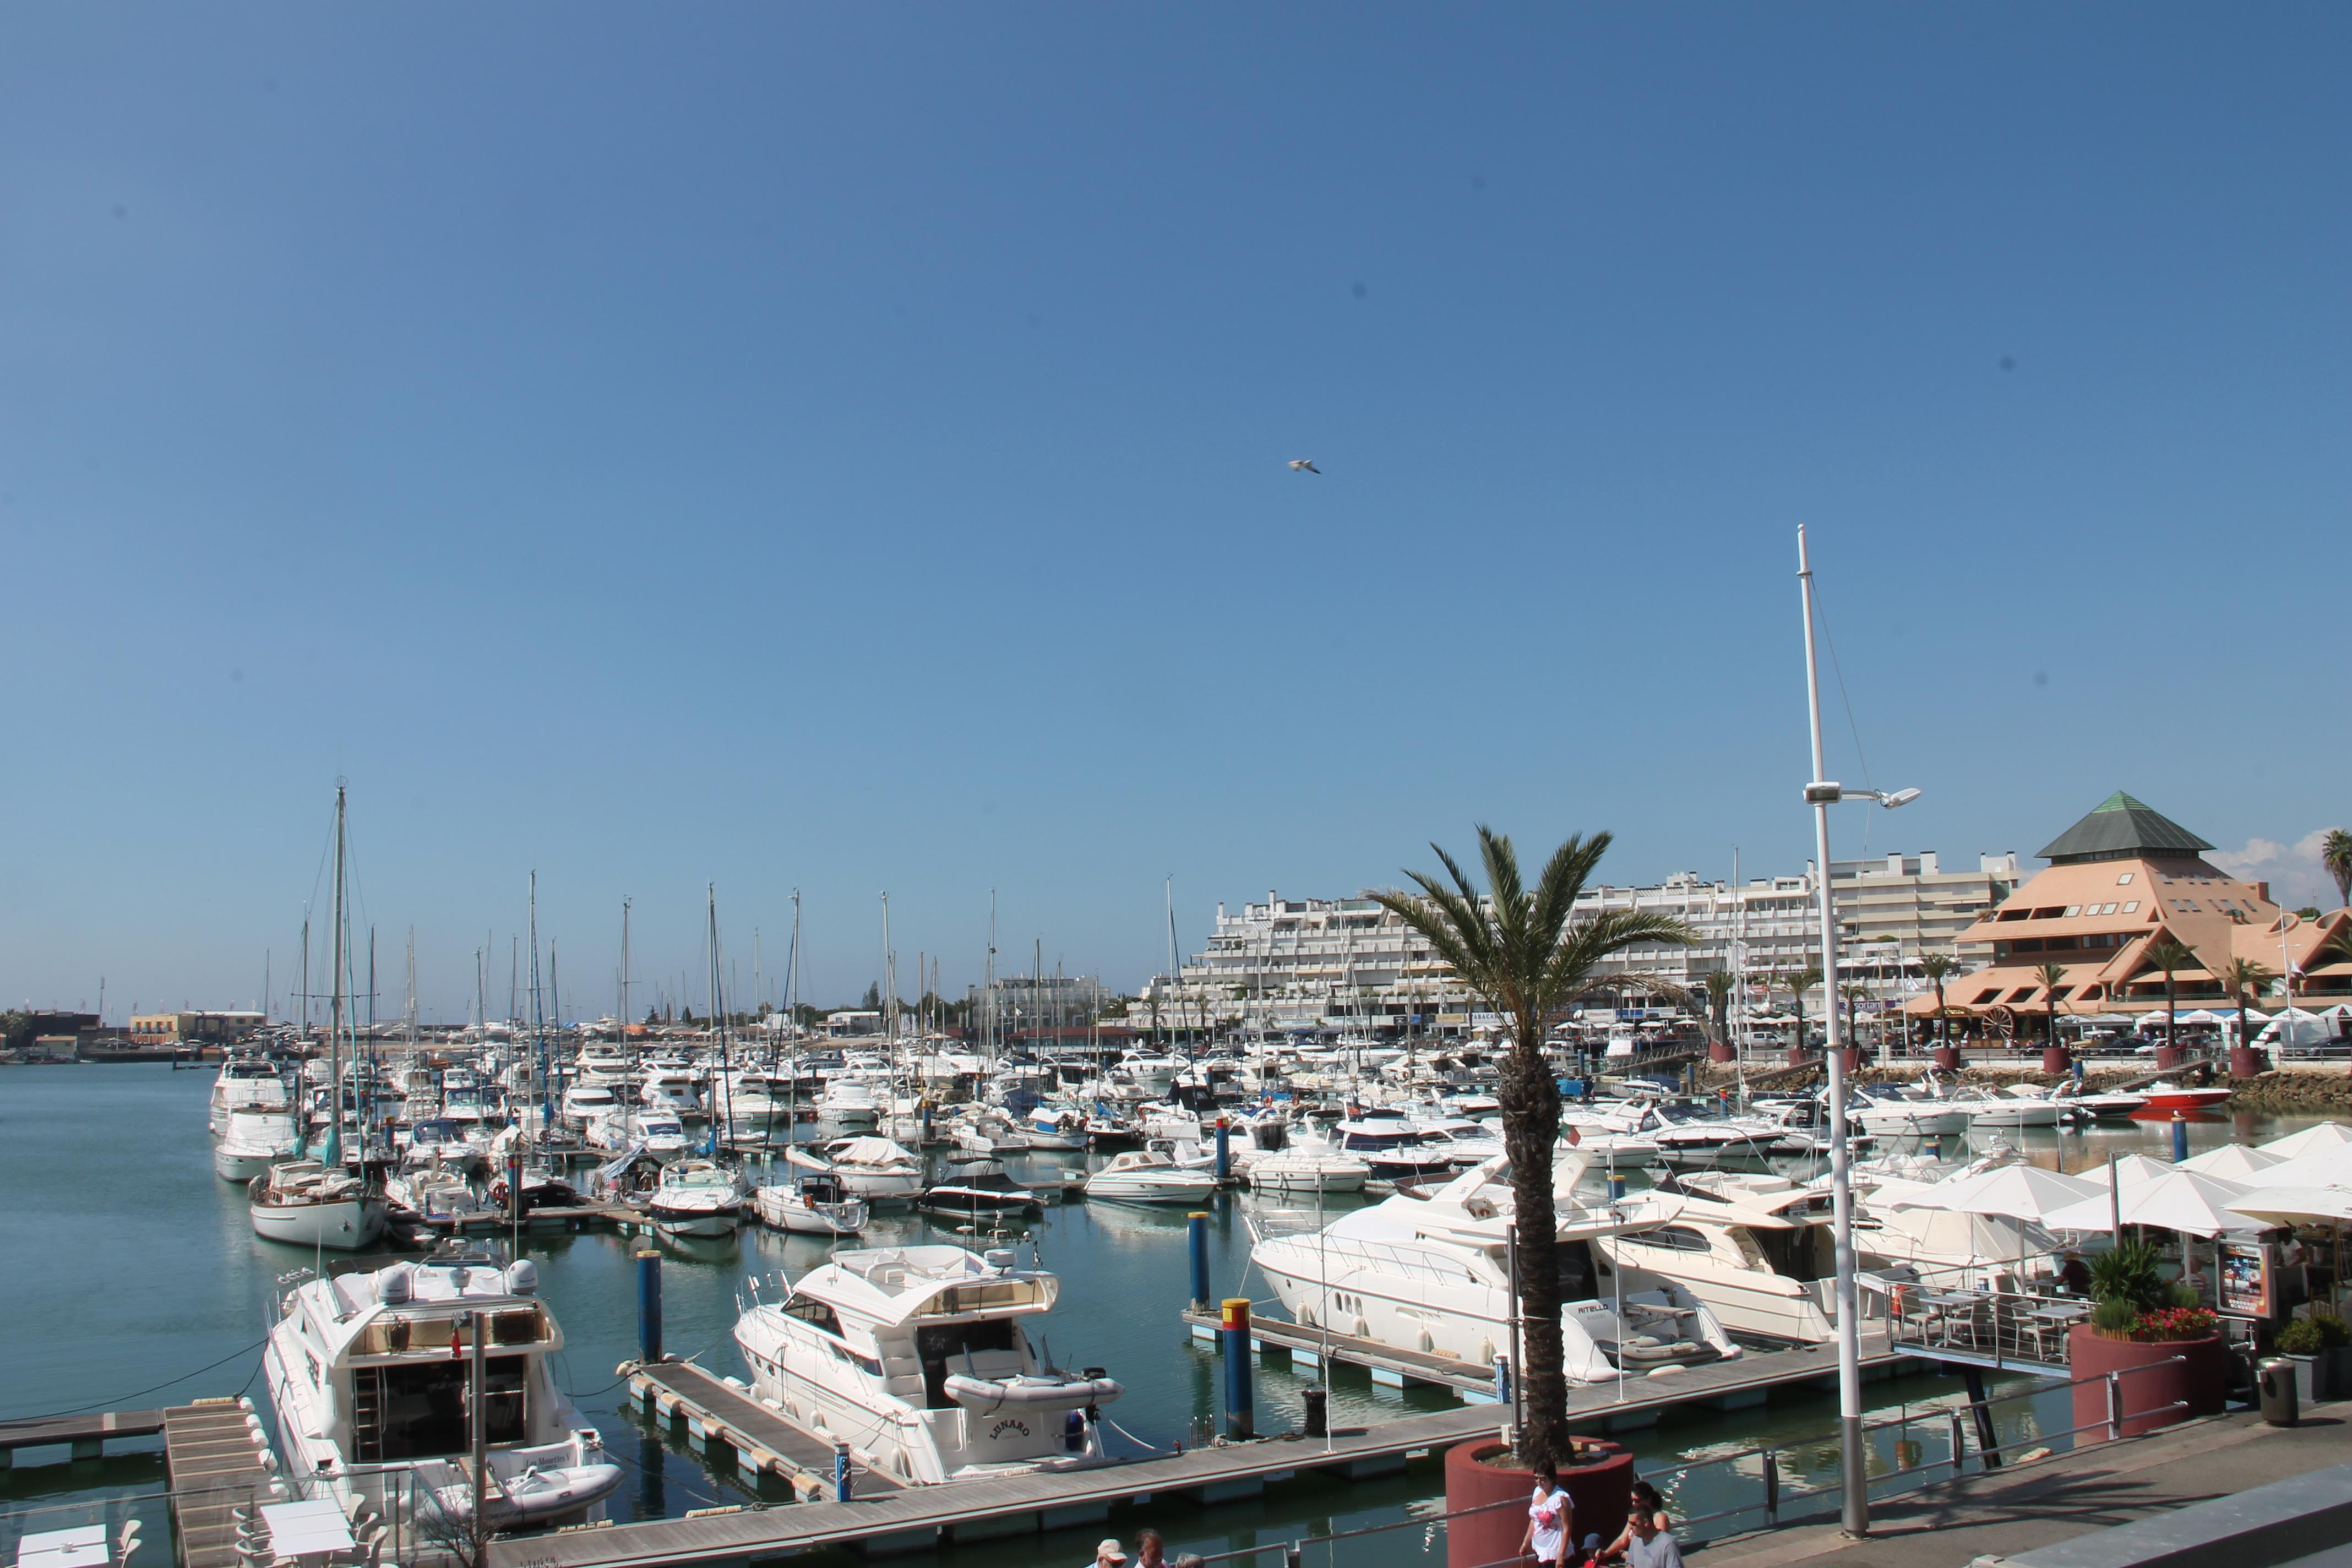 #42658923528064 Vilamoura Vakantie Algarve Portugal IMG 8208 Meest effectief Luxe Vakantie Portugal 3705 behang 427228483705 afbeeldingen